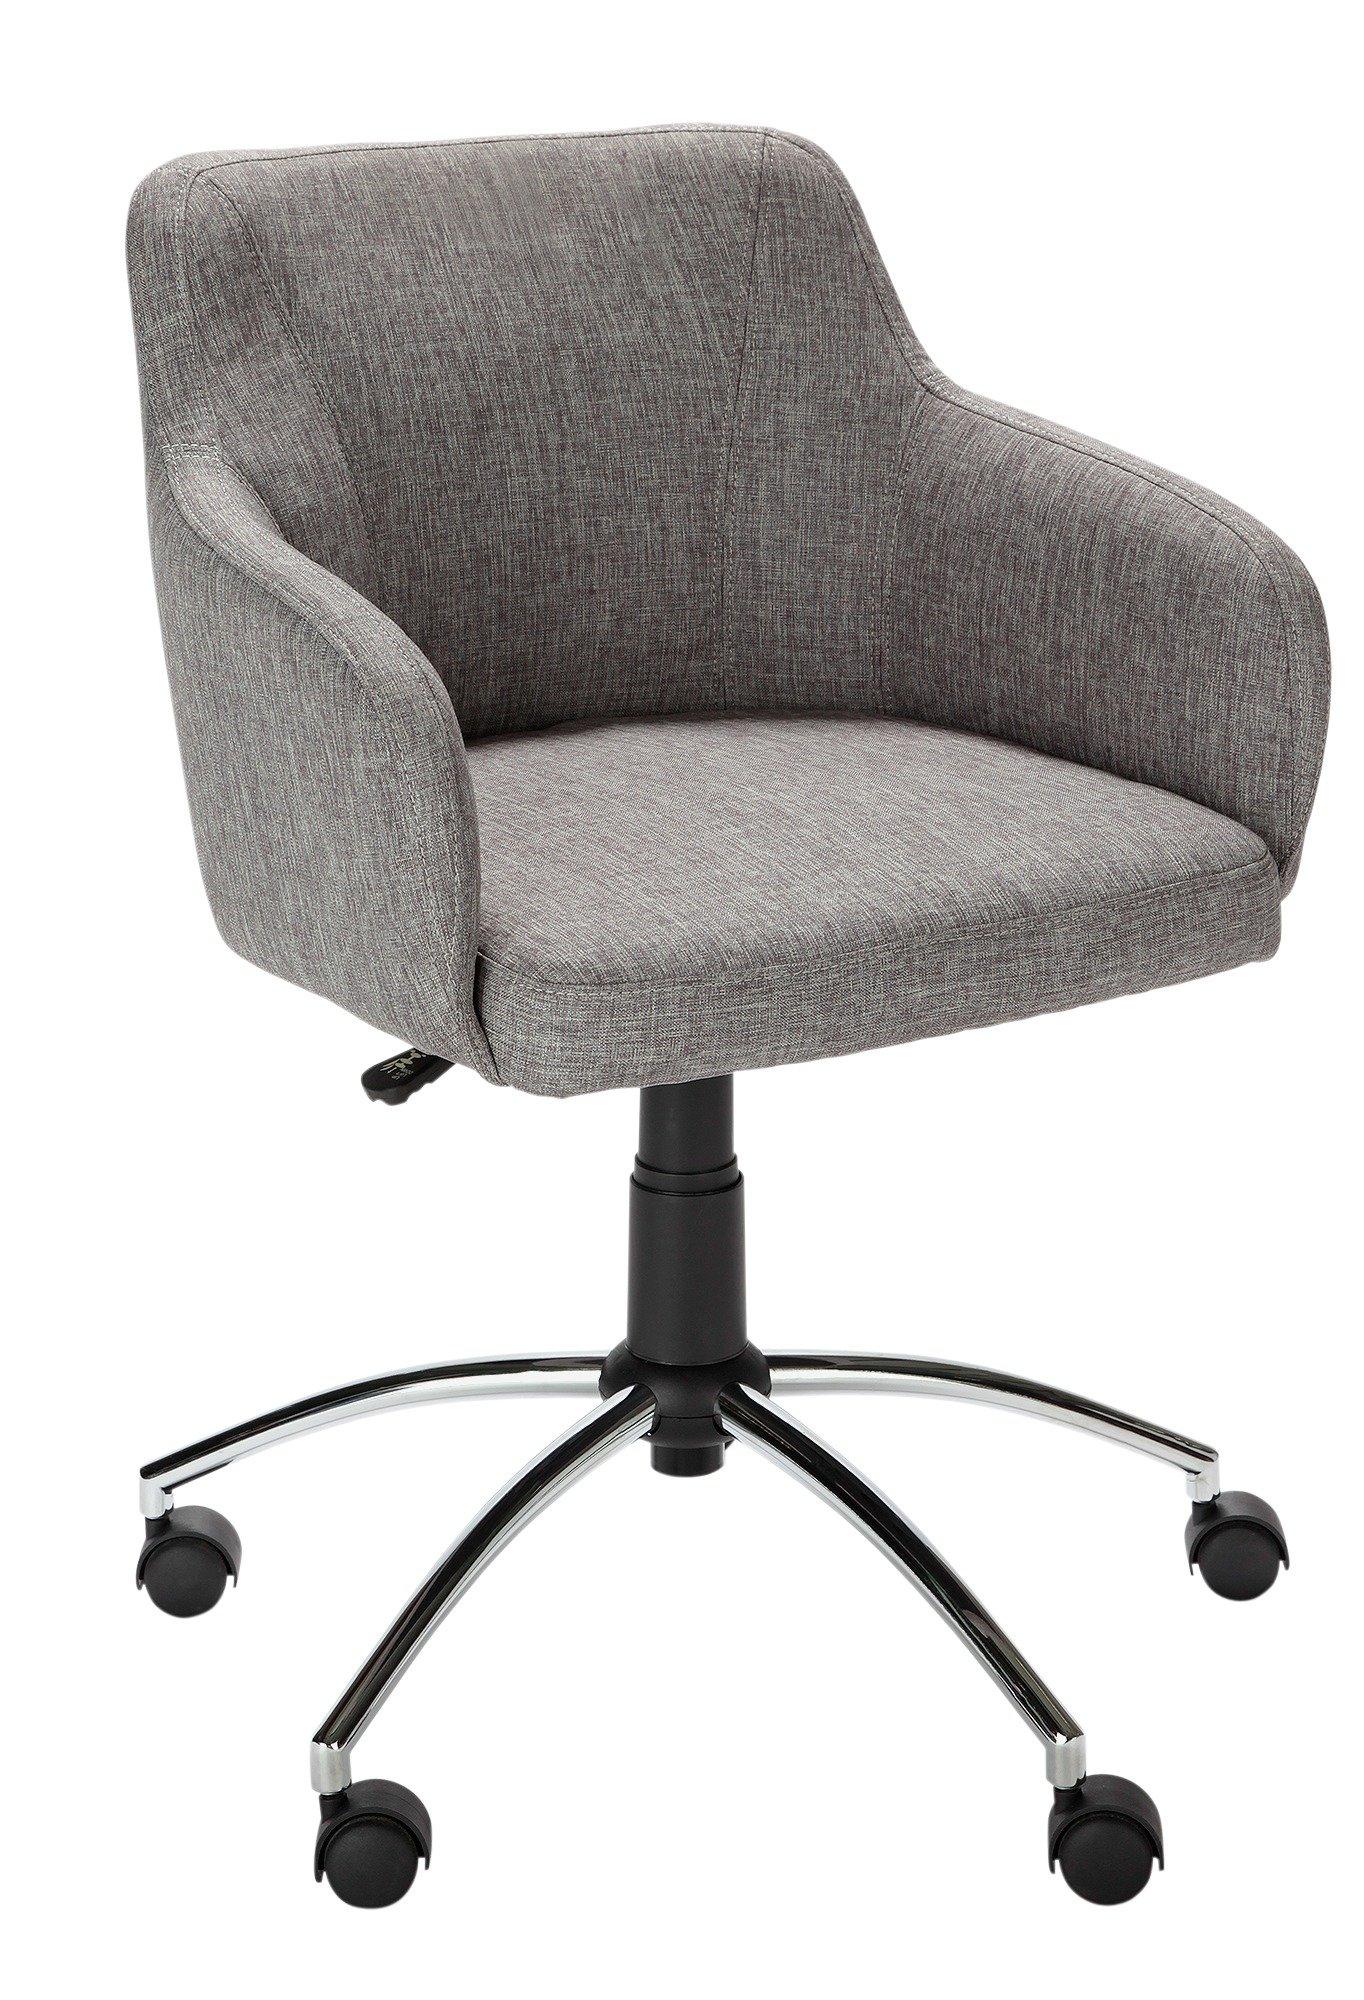 Buy Hygena Sasha Height Adjustable Office Chair - Grey | Office chairs | Argos  sc 1 st  Argos & Buy Hygena Sasha Height Adjustable Office Chair - Grey | Office ...